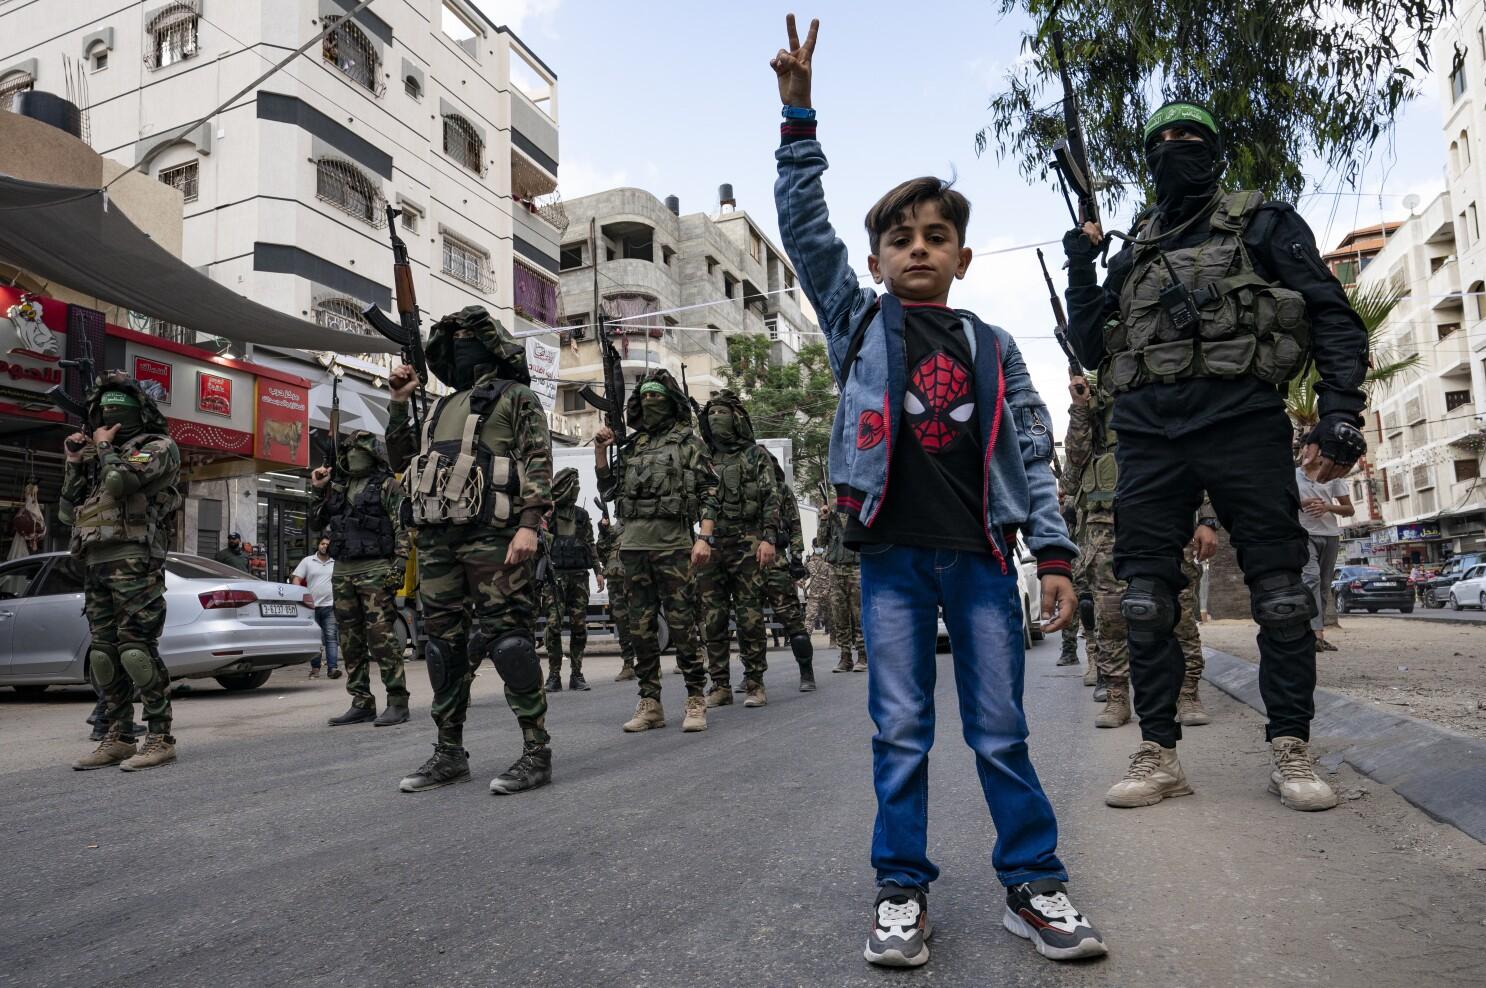 Hamas desafiante: desfile militar y aparece su líder máximo - Los Angeles Times